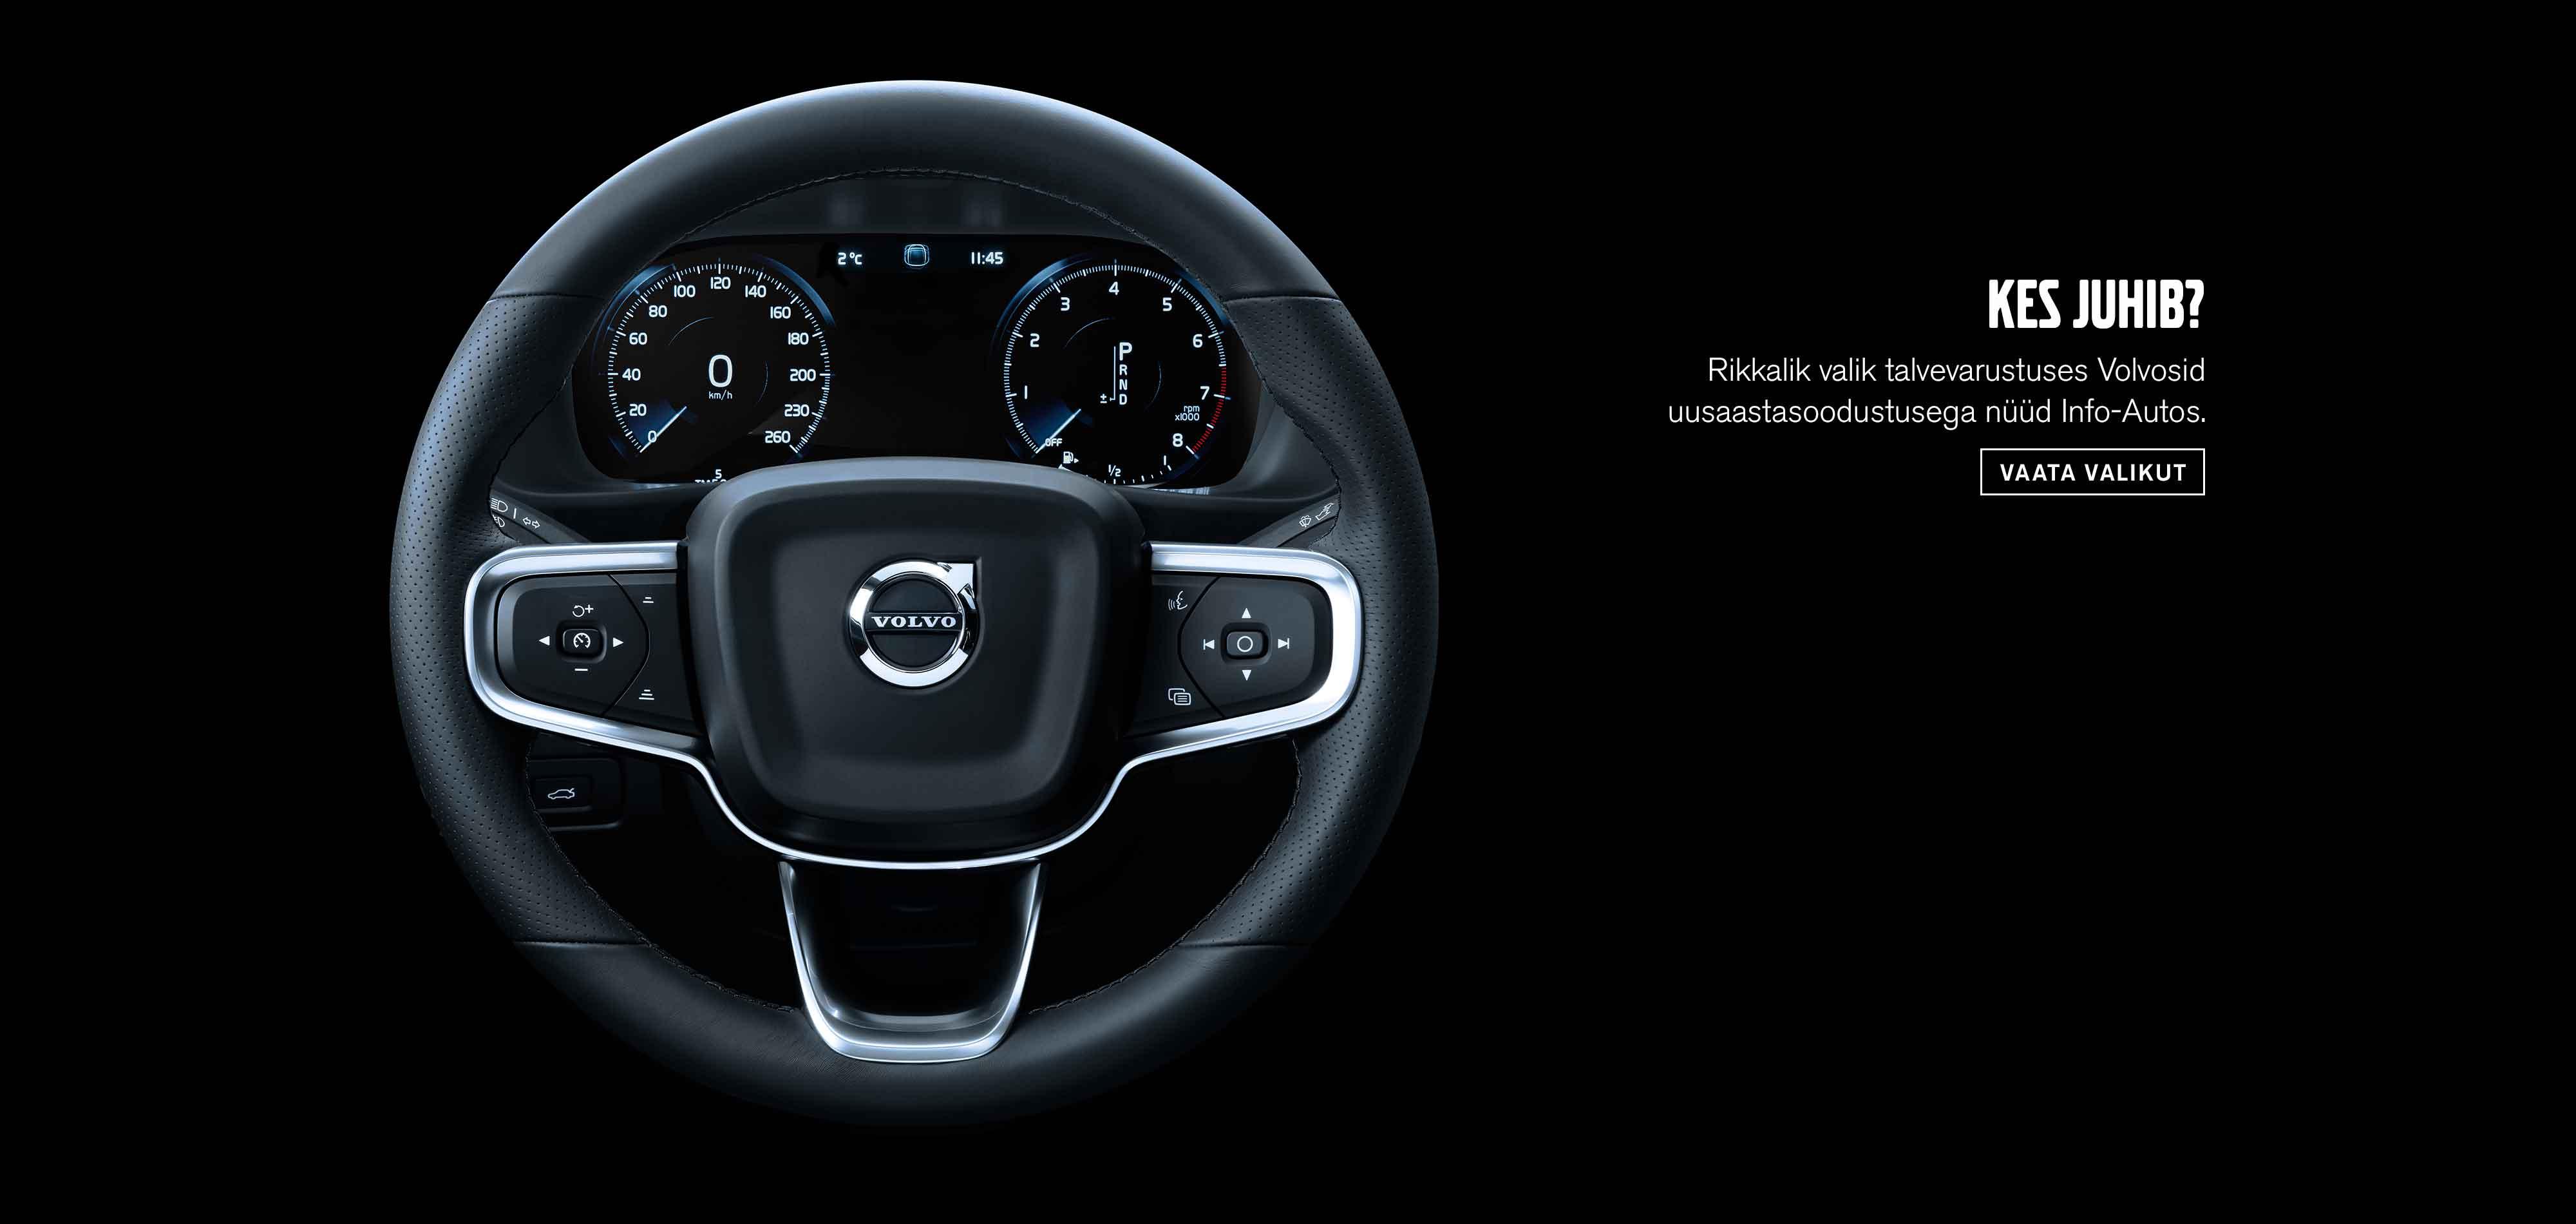 Volvo laoautode uusaastapakkumine